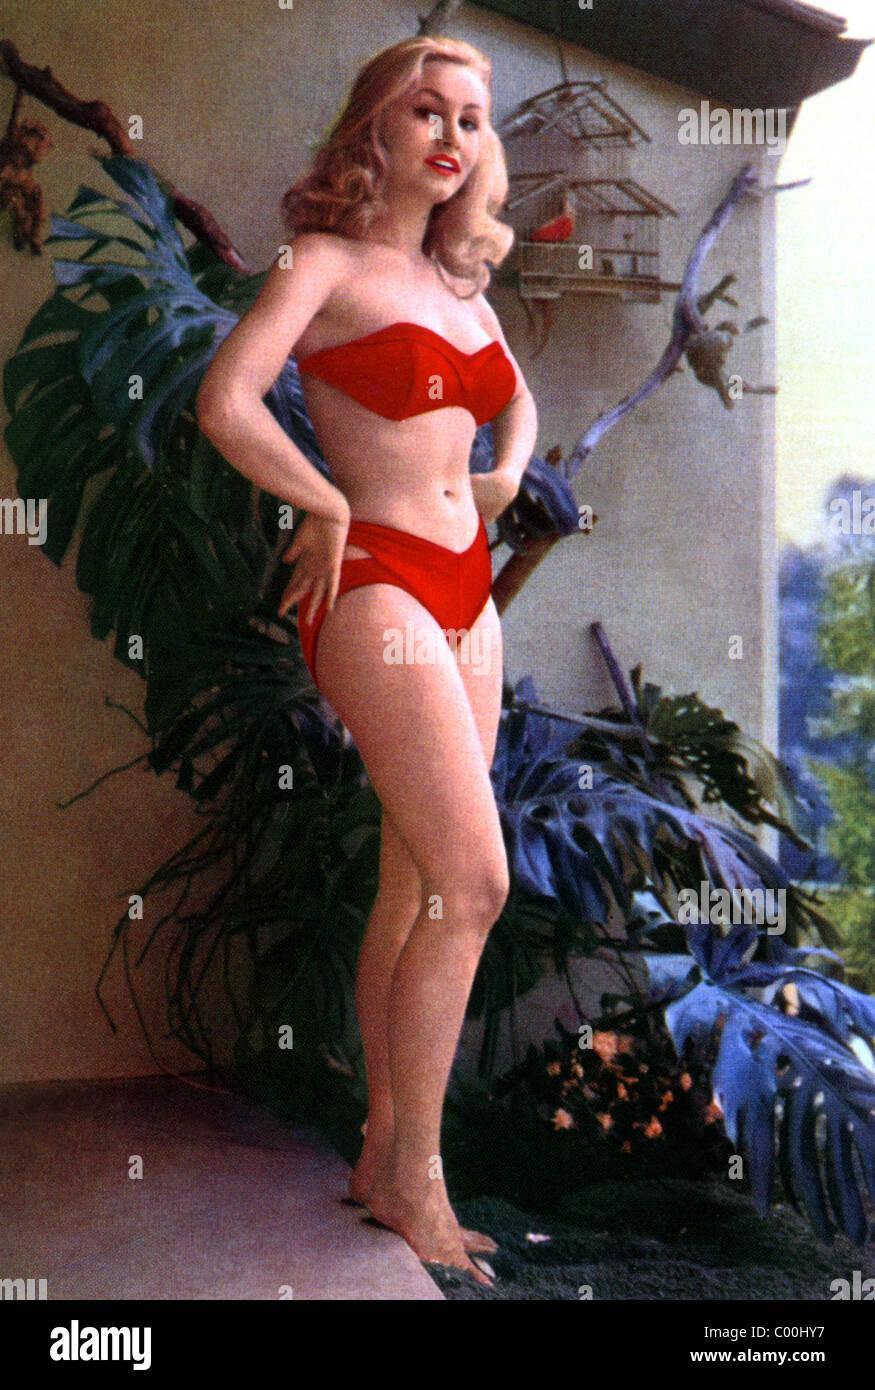 JULIE NEWMAR ACTRESS (1953) - Stock Image